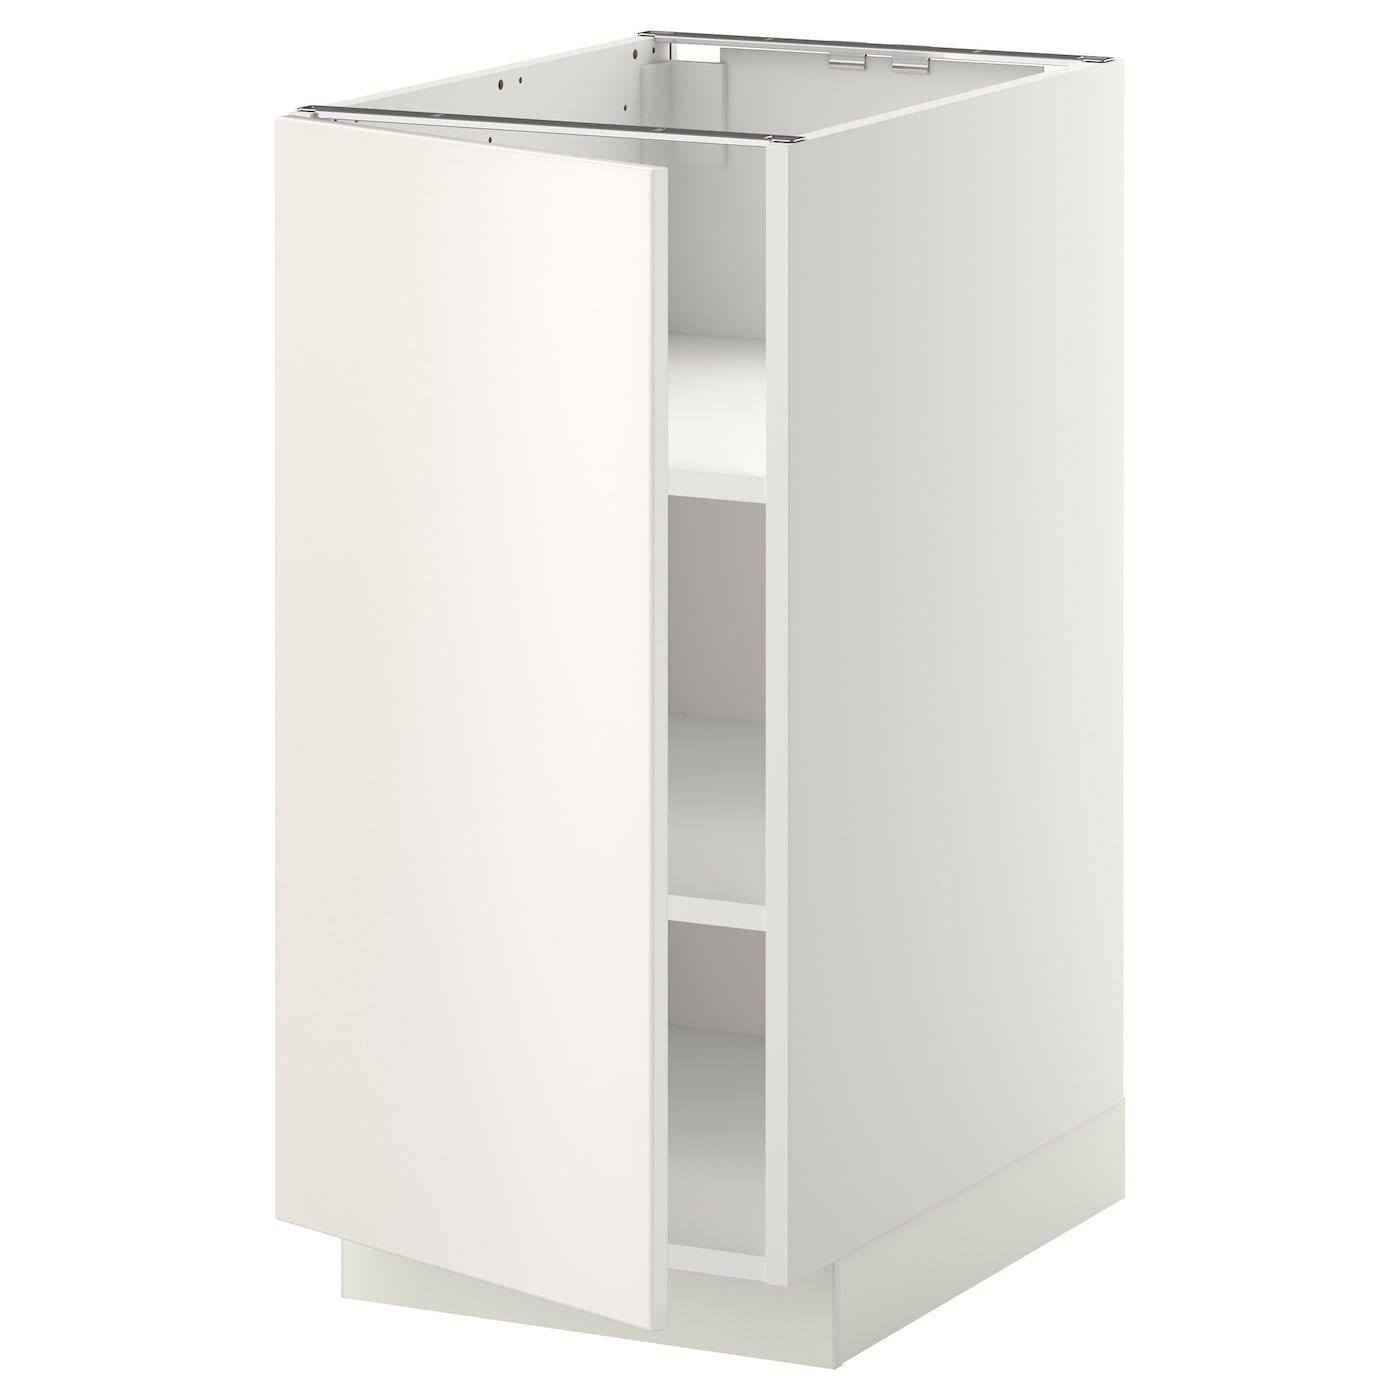 Ikea Kitchen Veddinge White: METOD Base Cabinet With Shelves White/veddinge White 40 X